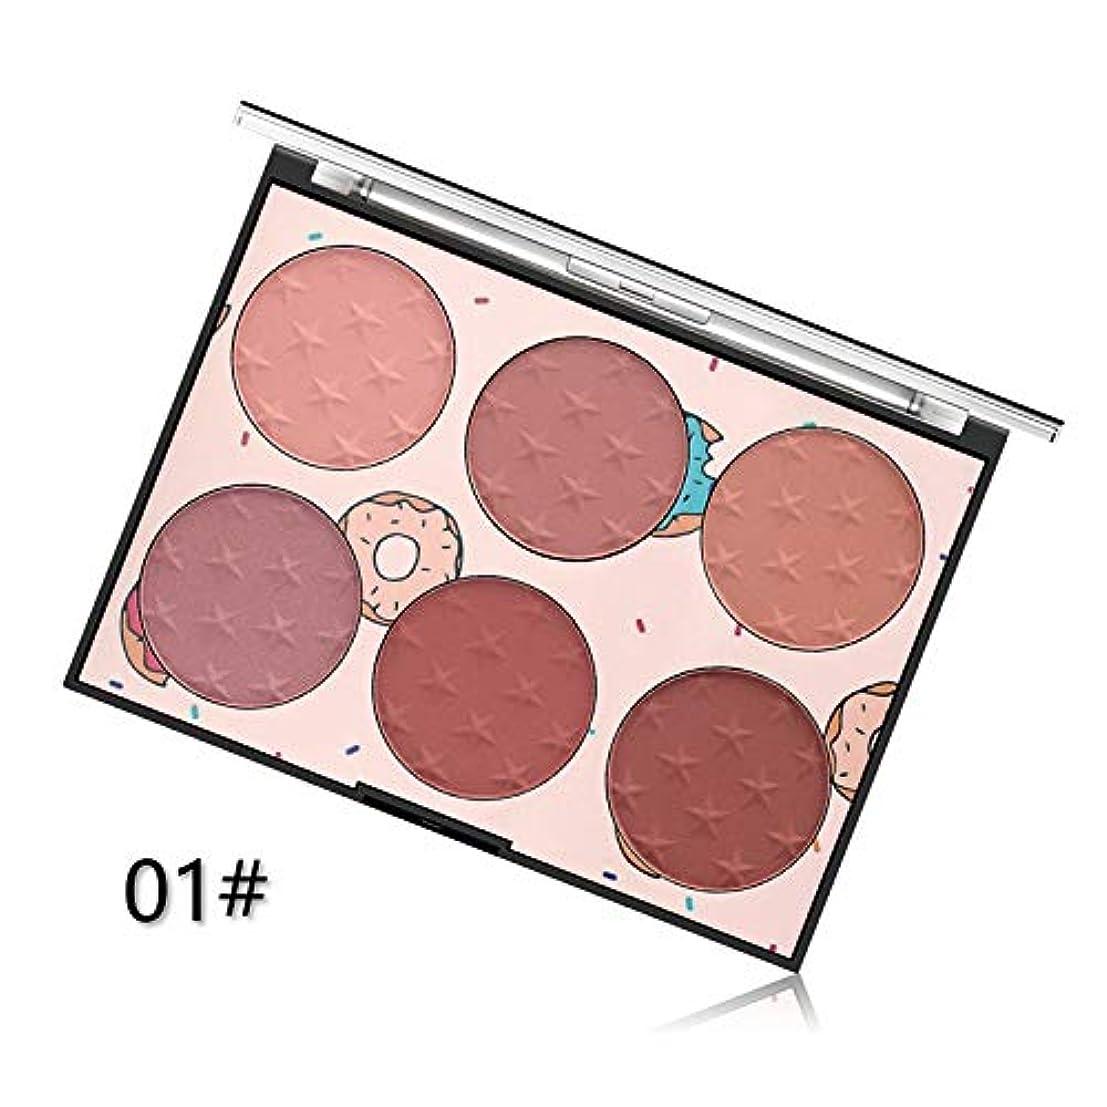 クラフトオリエント薄めるBeaurtty 6色 ブラッシュパレット ナチュラル ロングラスティング 肌にやさしい 化粧品 (N01)